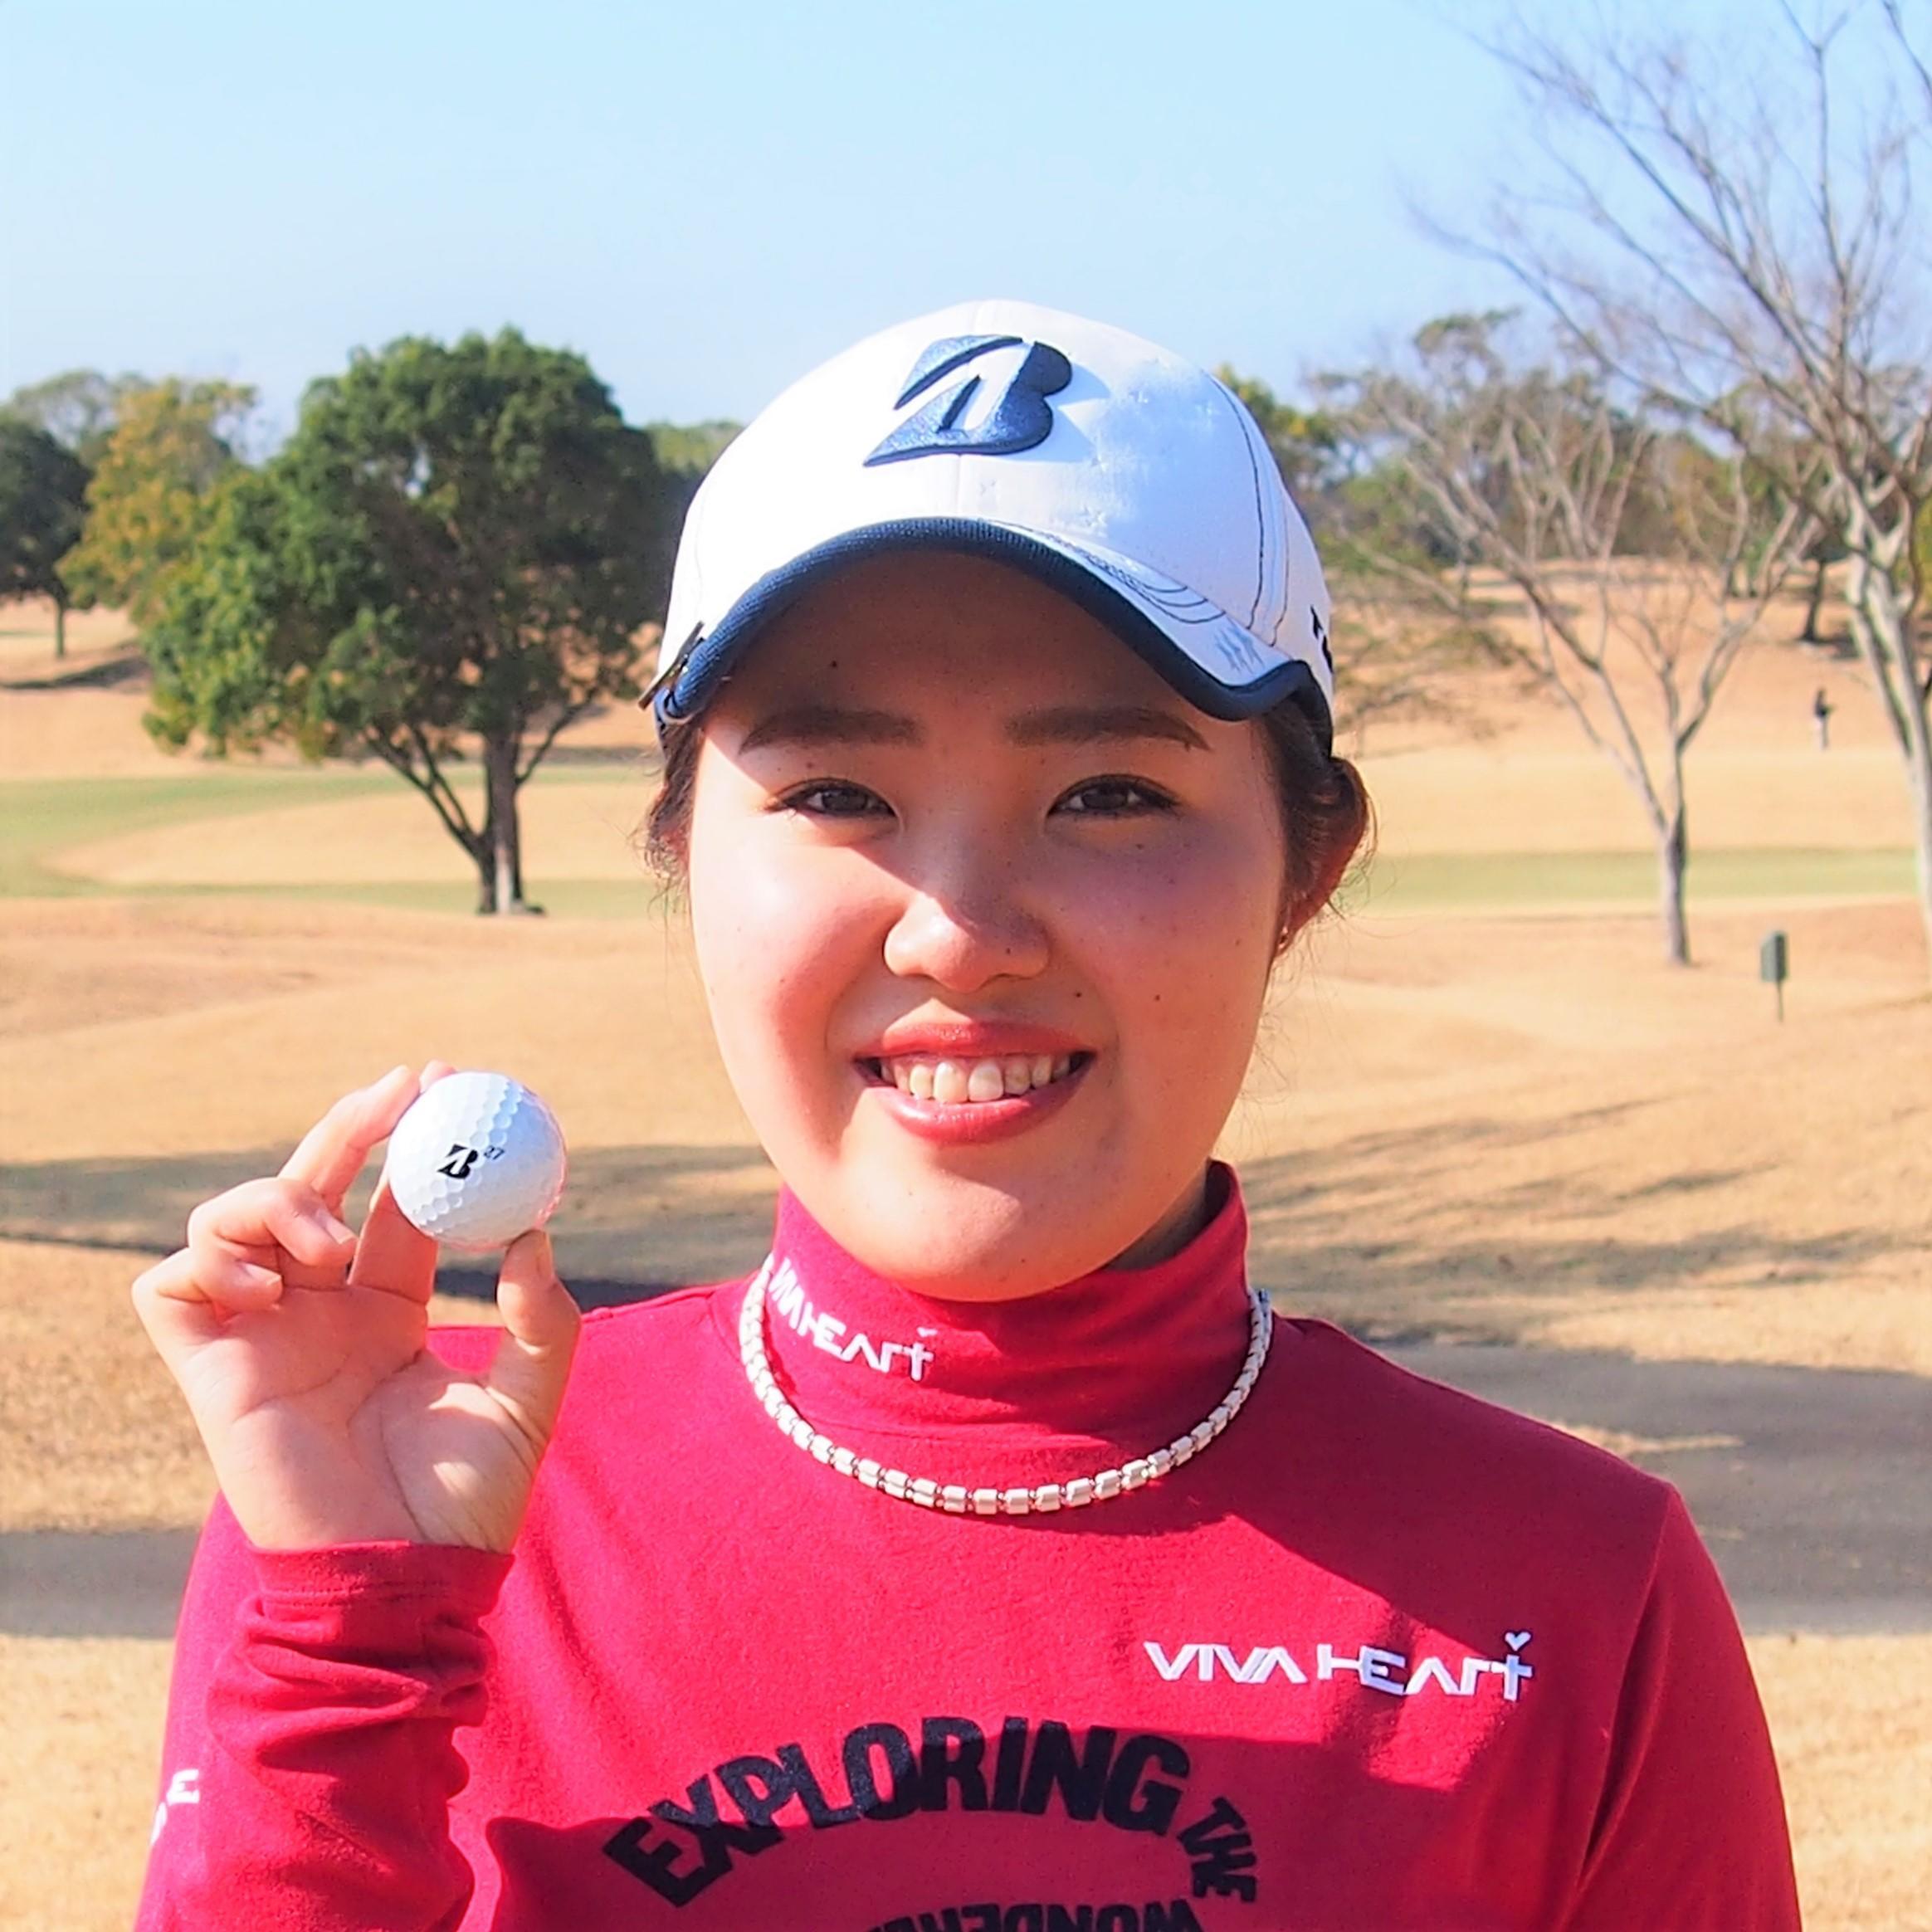 https://www.bs-golf.com/pro/d26ed67bbf1cb5f10e7ae962253904f10d44bf71.JPG